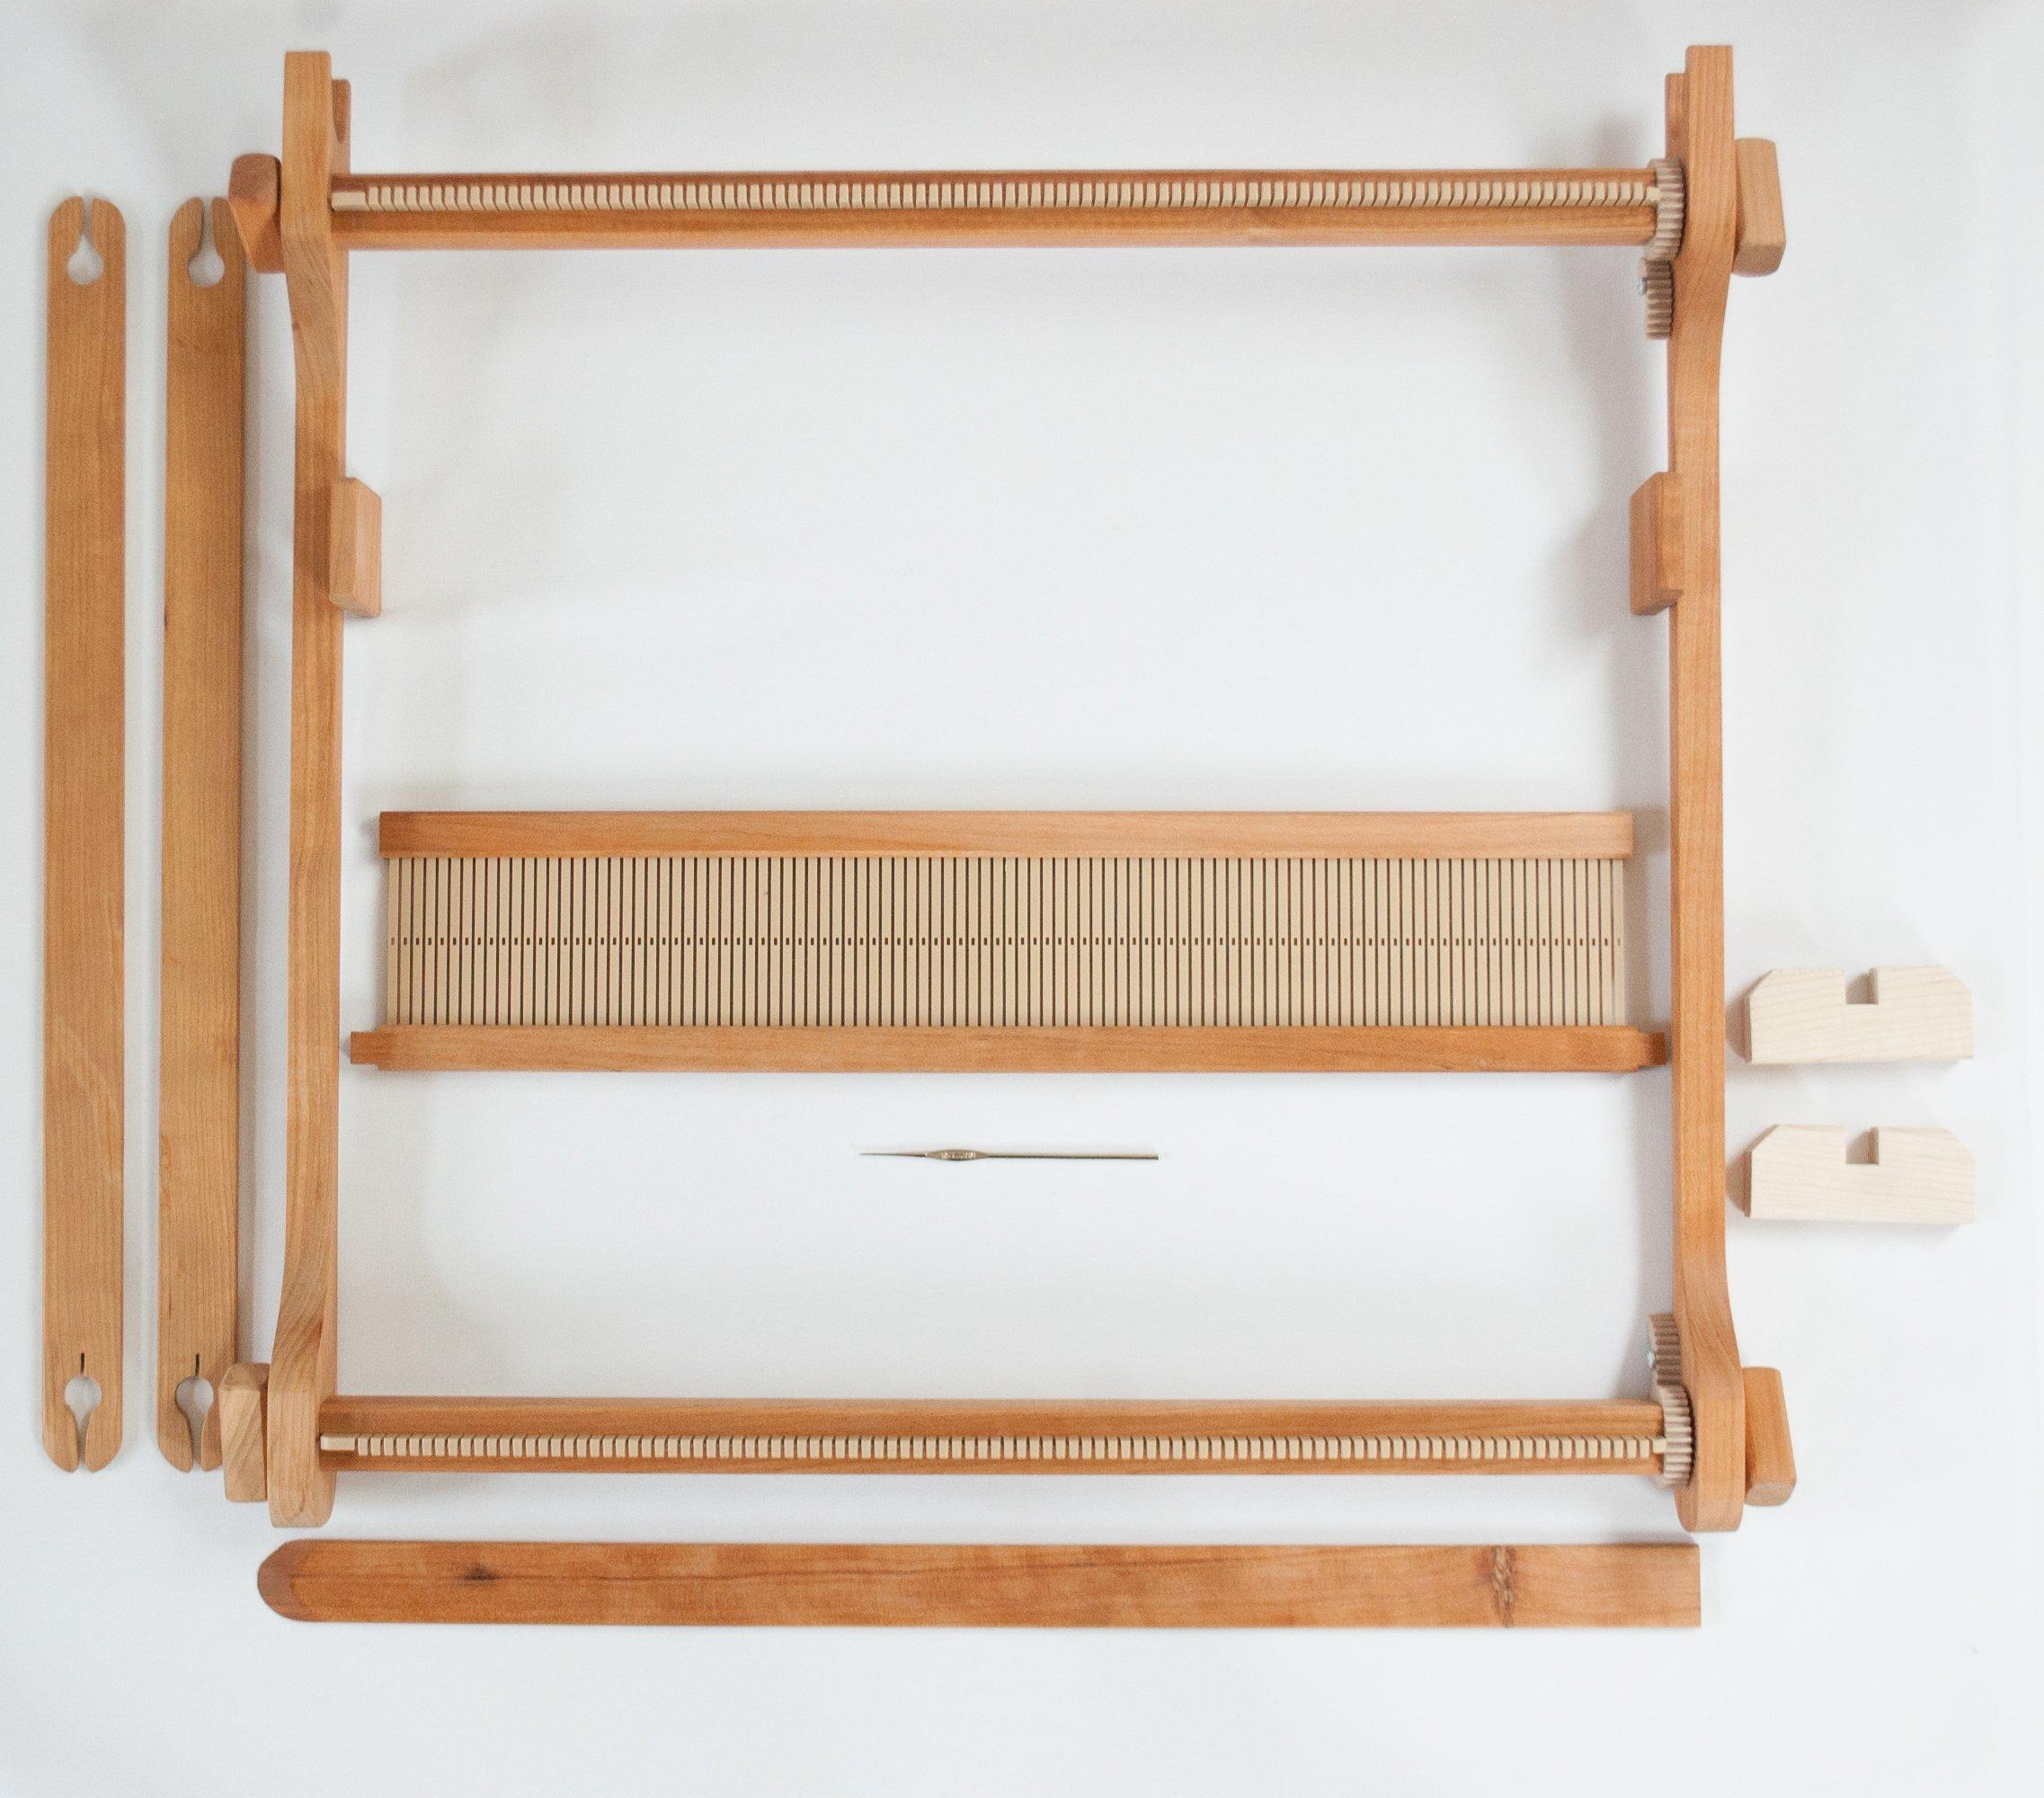 Beka Original Rigid Heddle Loom, SG-24'' by Beka (Image #2)